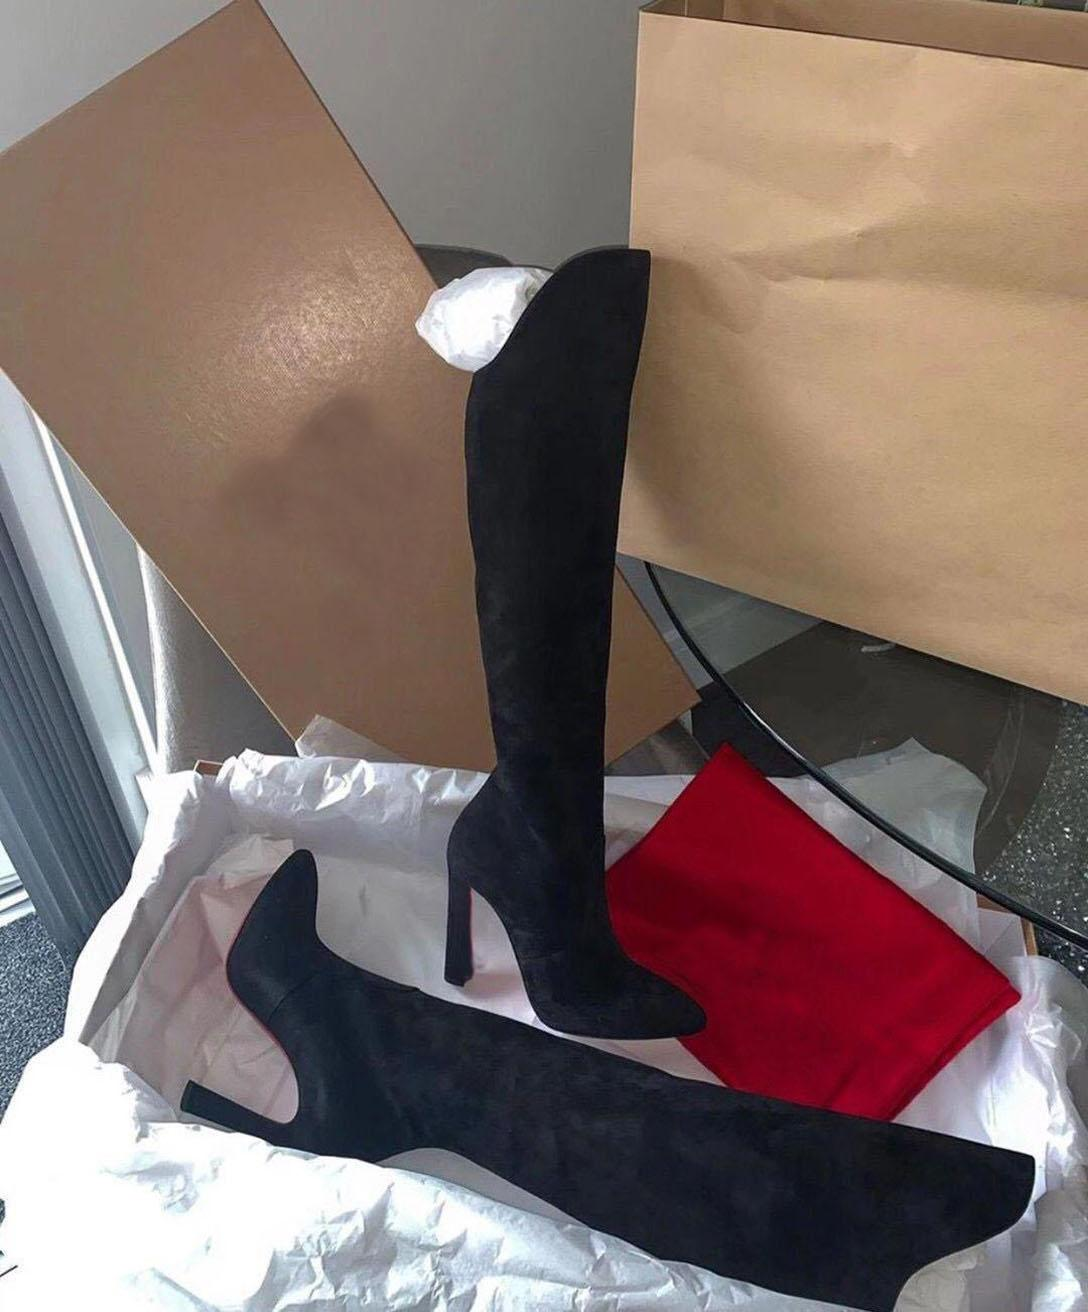 Зимняя мода Lady Red Bottom Загрузочный Элеонор Ботта Tall ботинка женщин замши высокие каблуки Более колена сапоги EU35-43, с коробкой